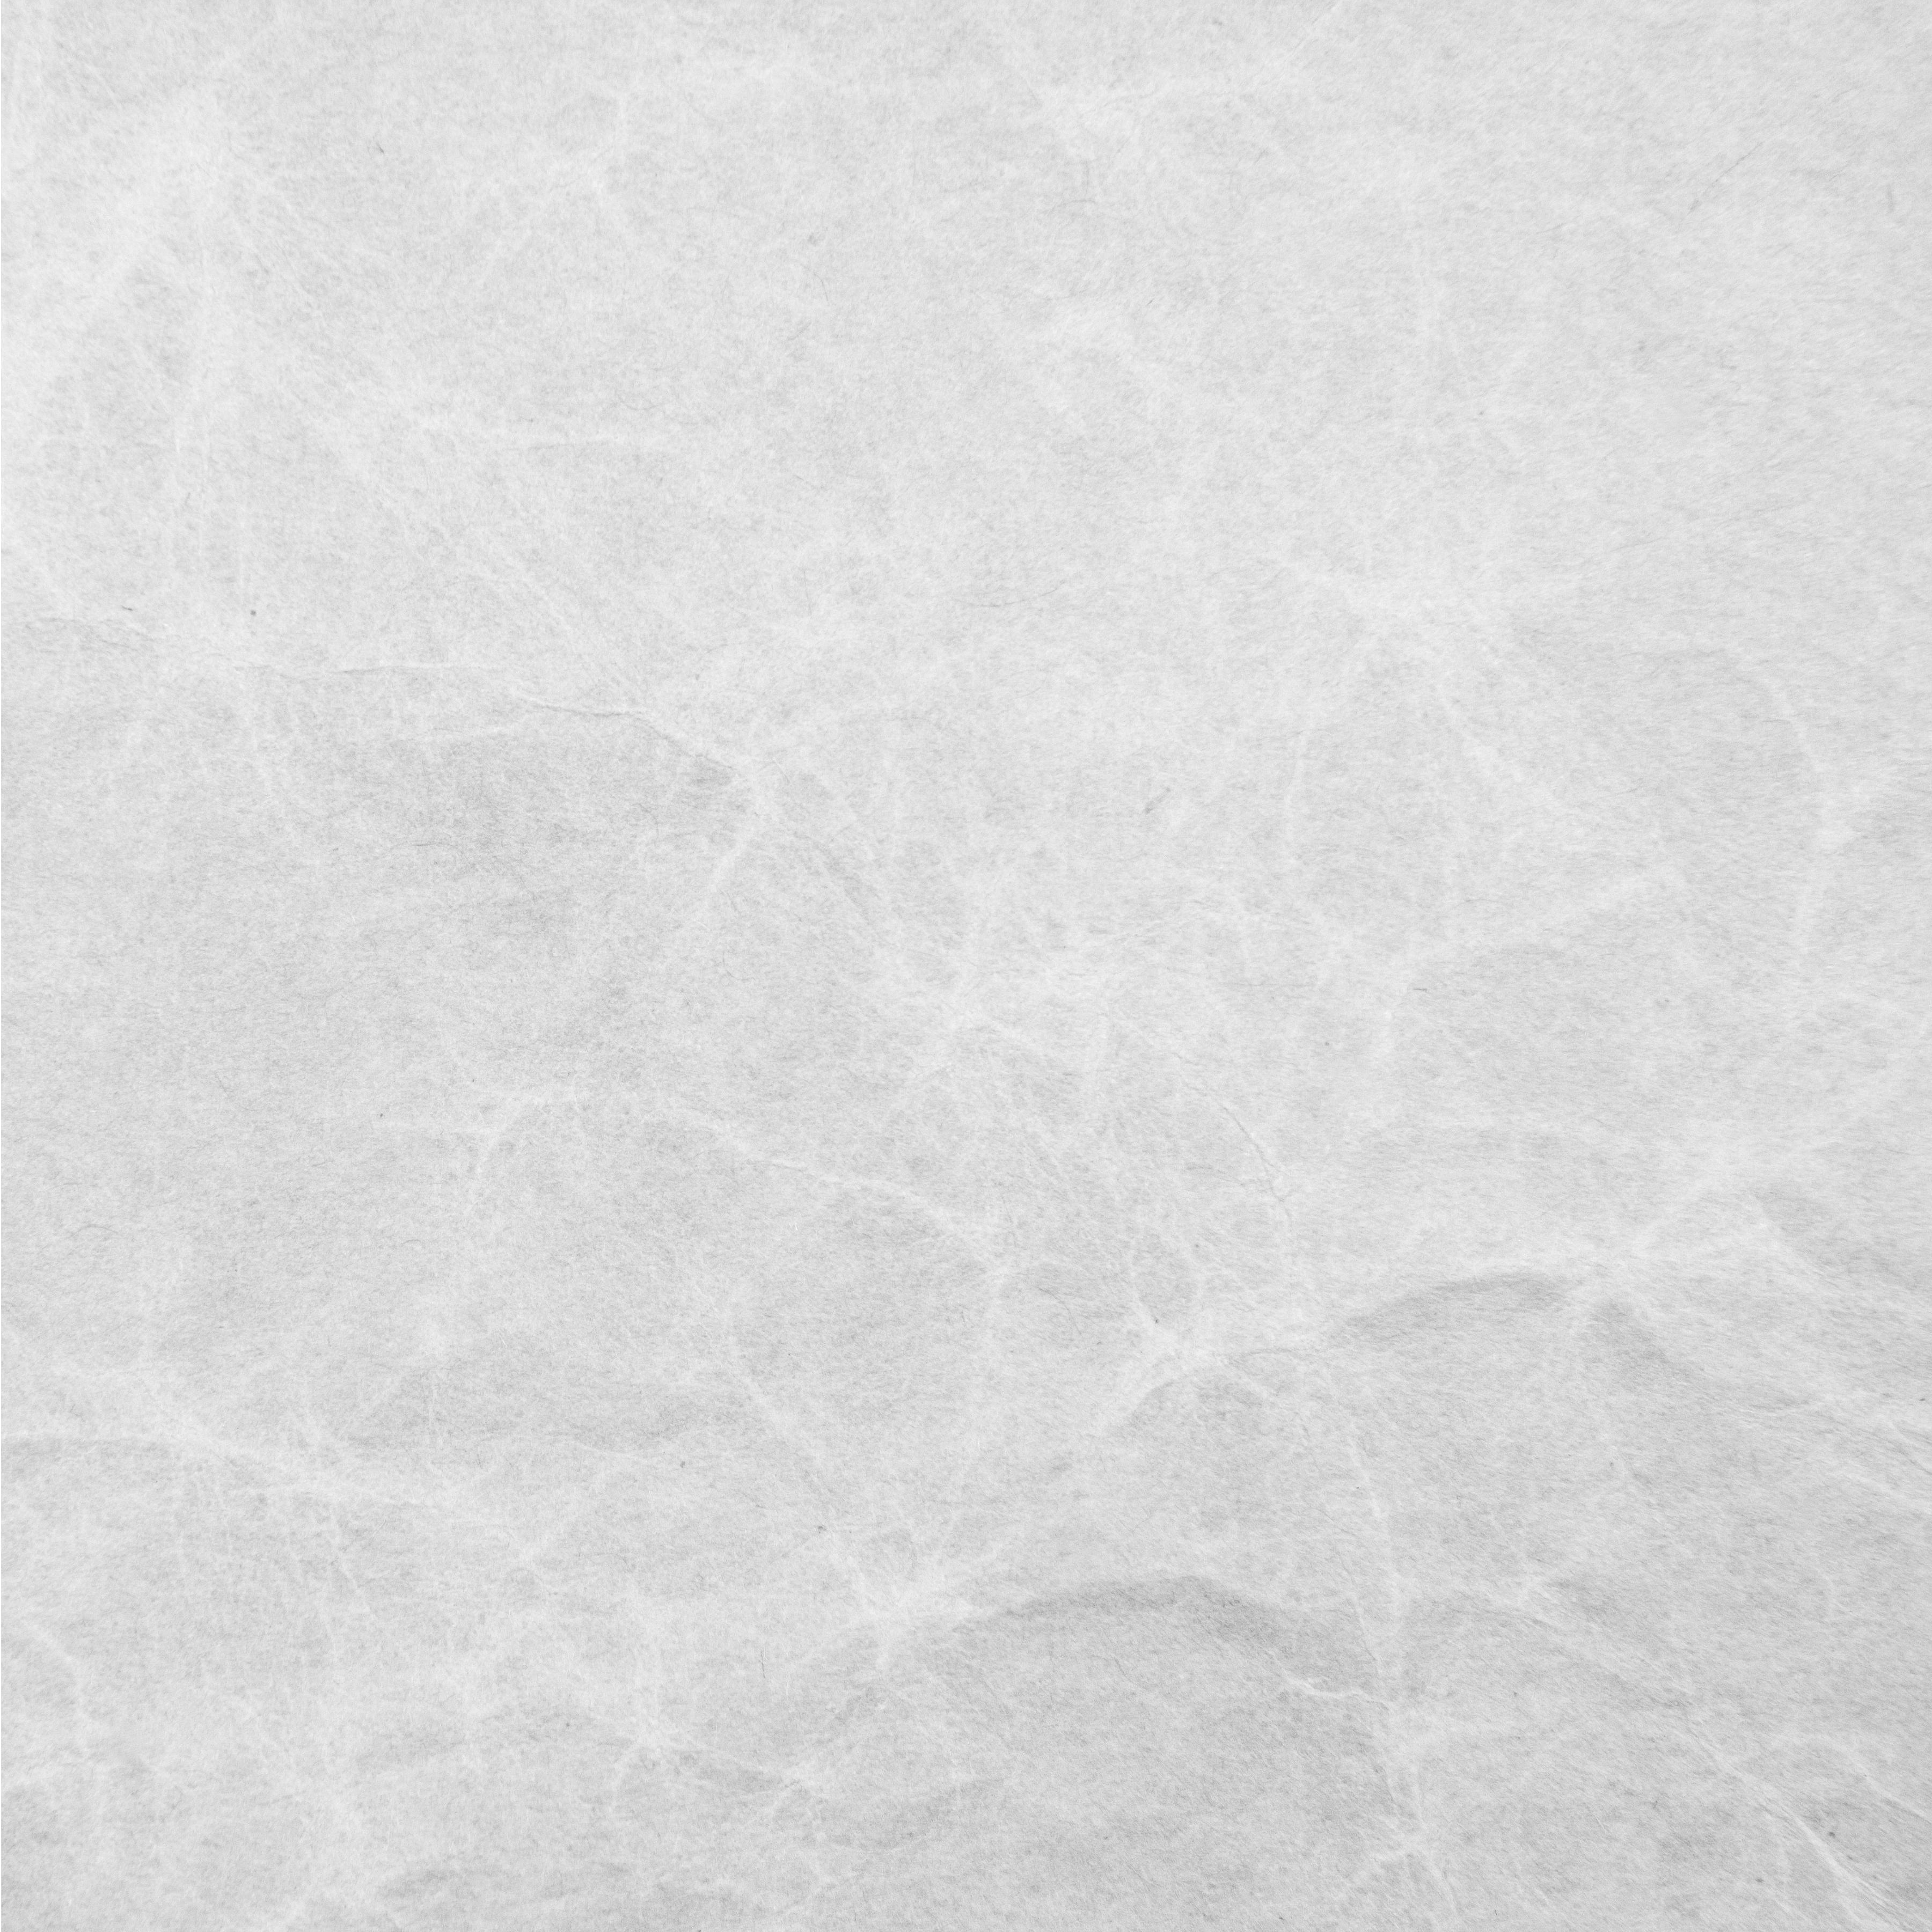 White Paper Texture, Paper, Texture, White, HQ Photo